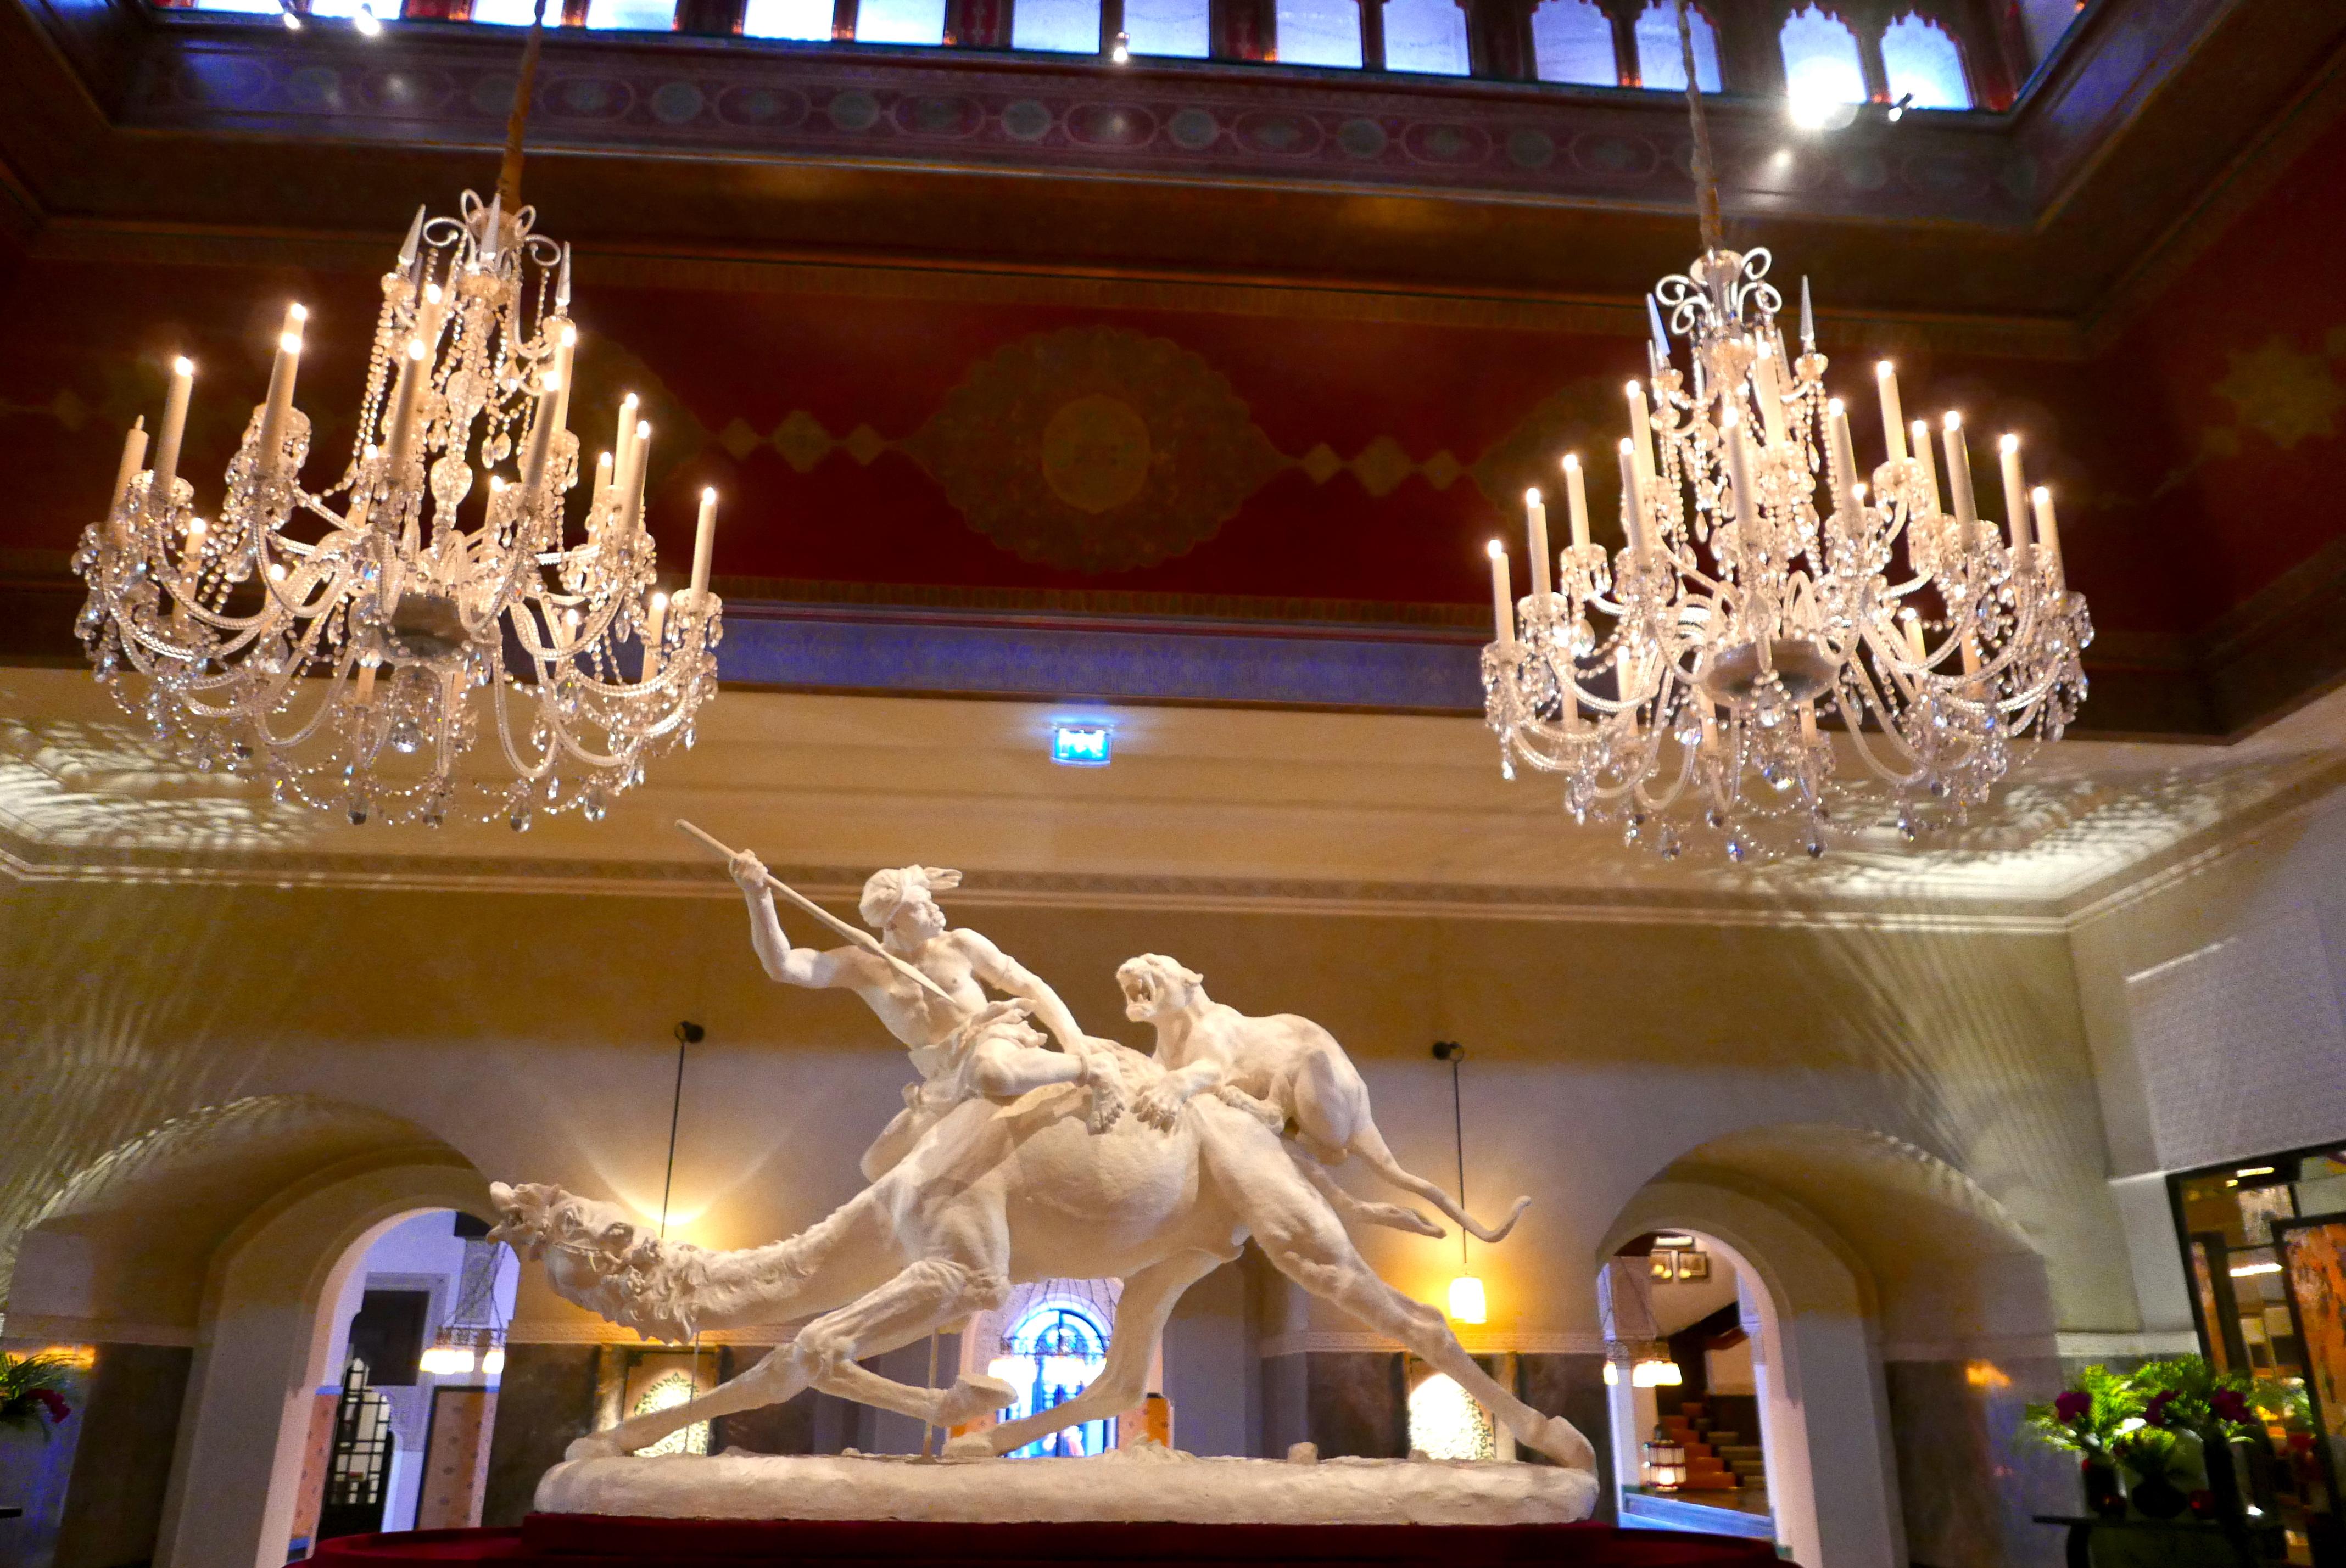 Escultura no lobby do hotel